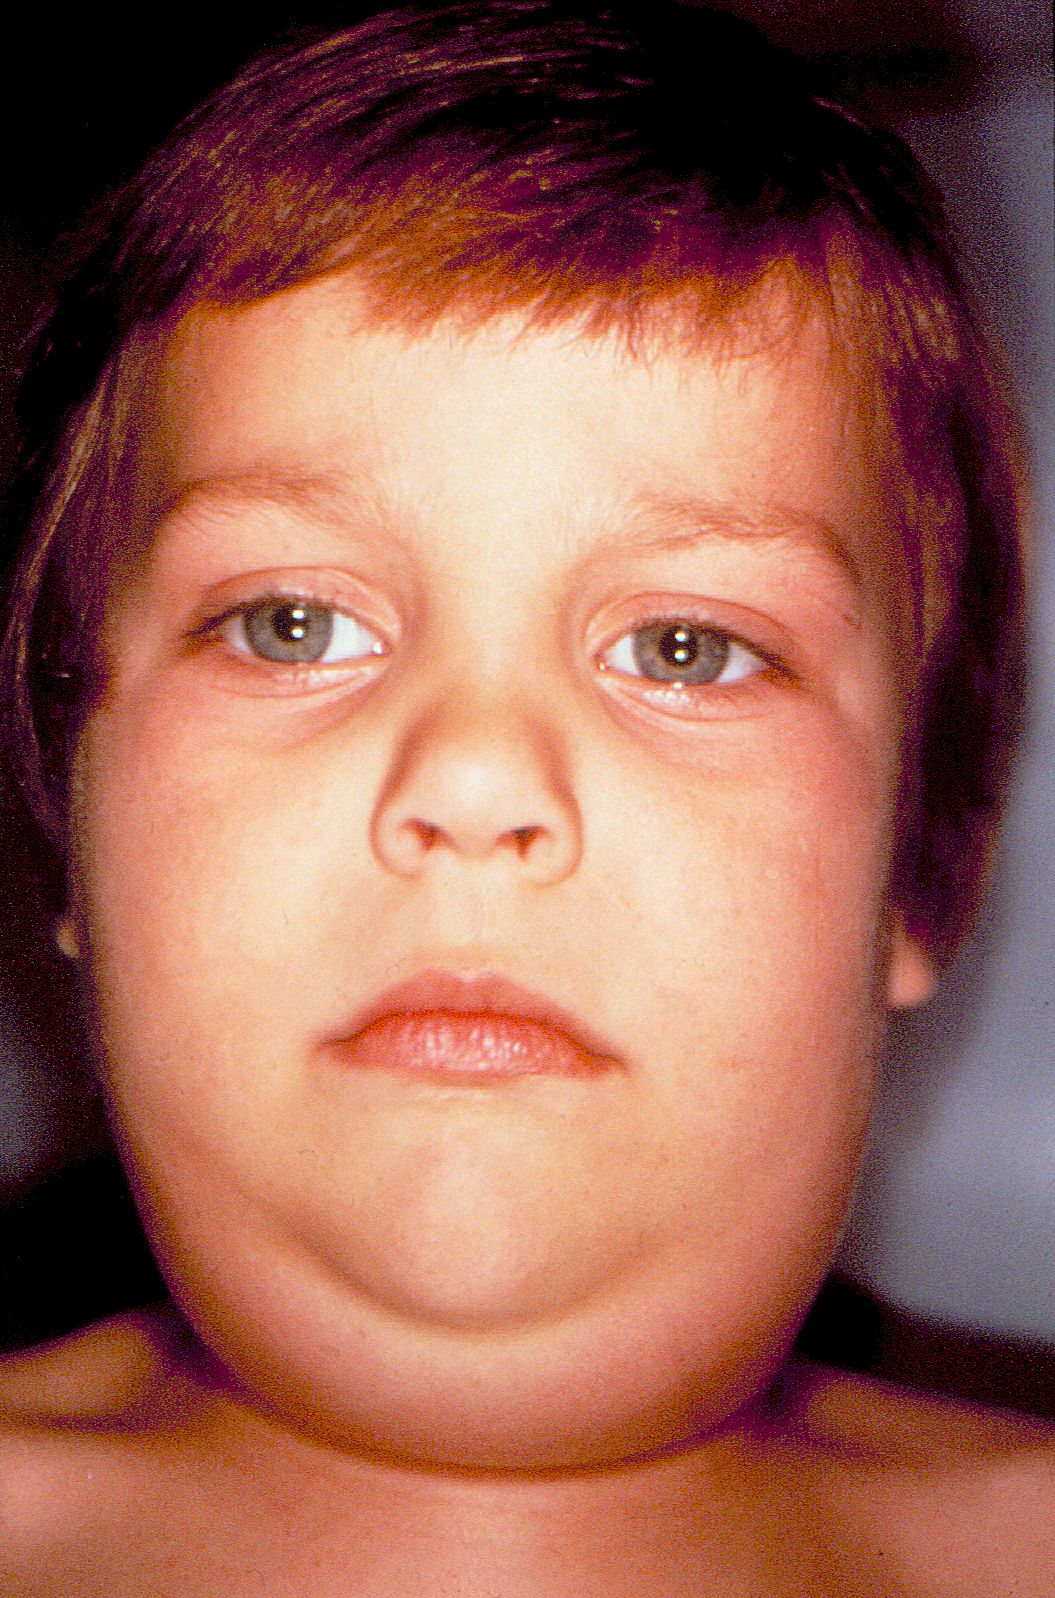 mumps - photo #6